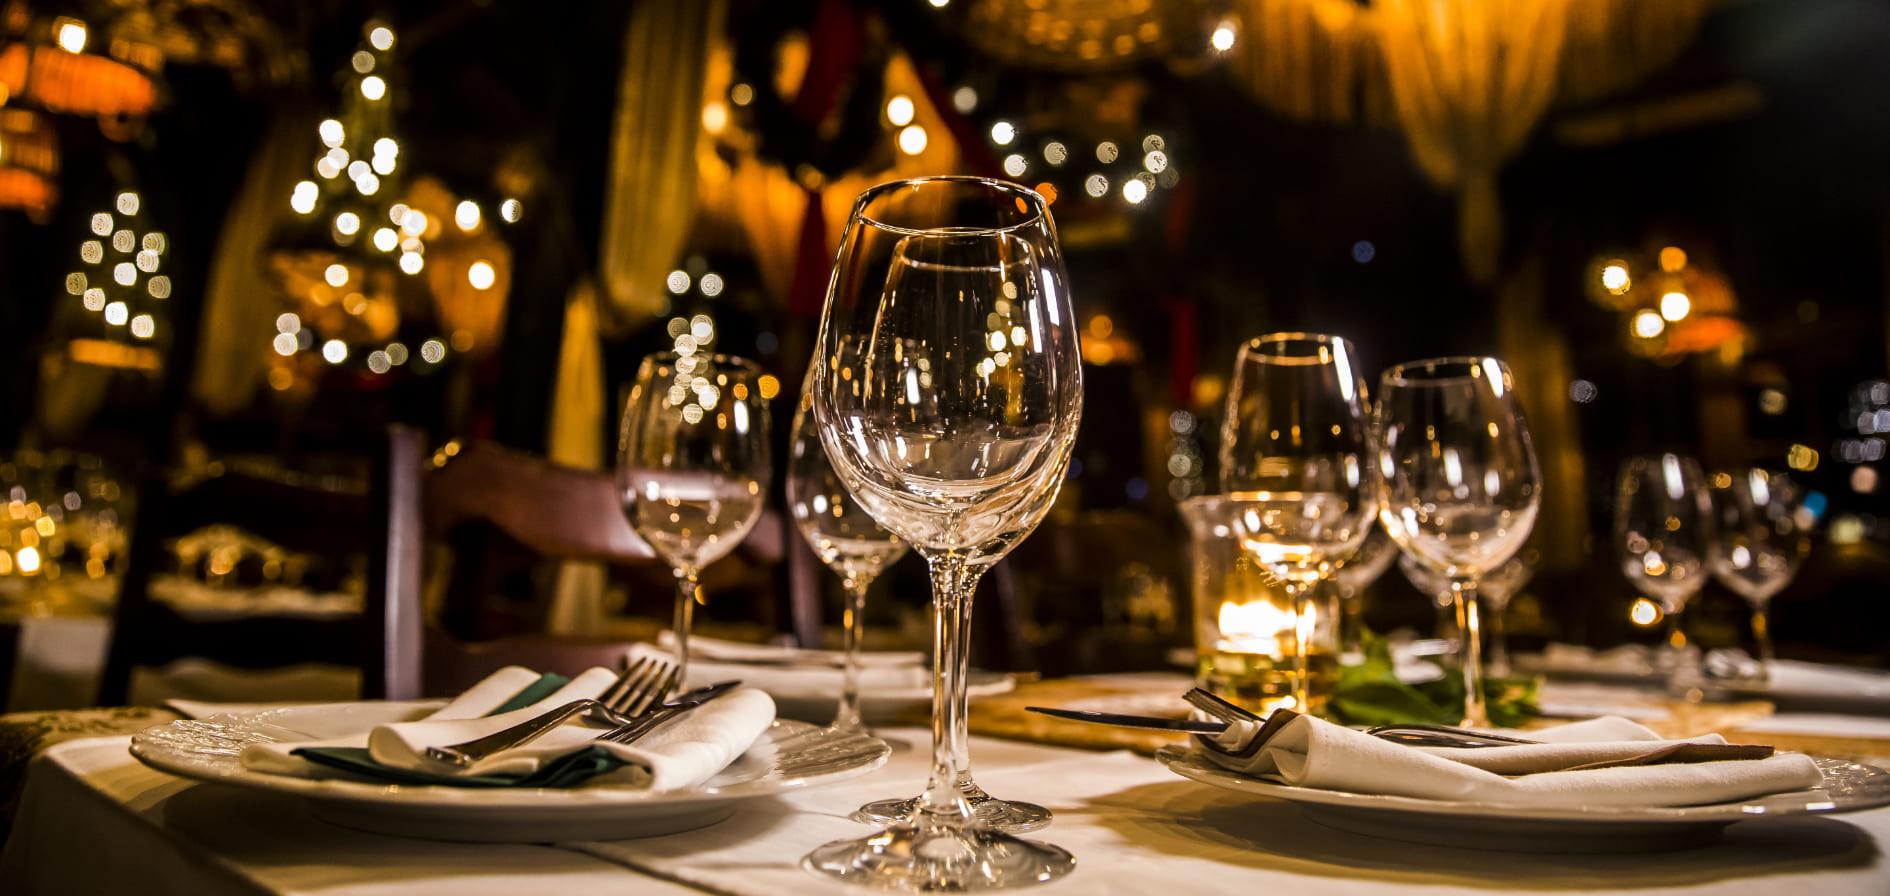 ワイン買取のみに特化したプロフェッショナル集団